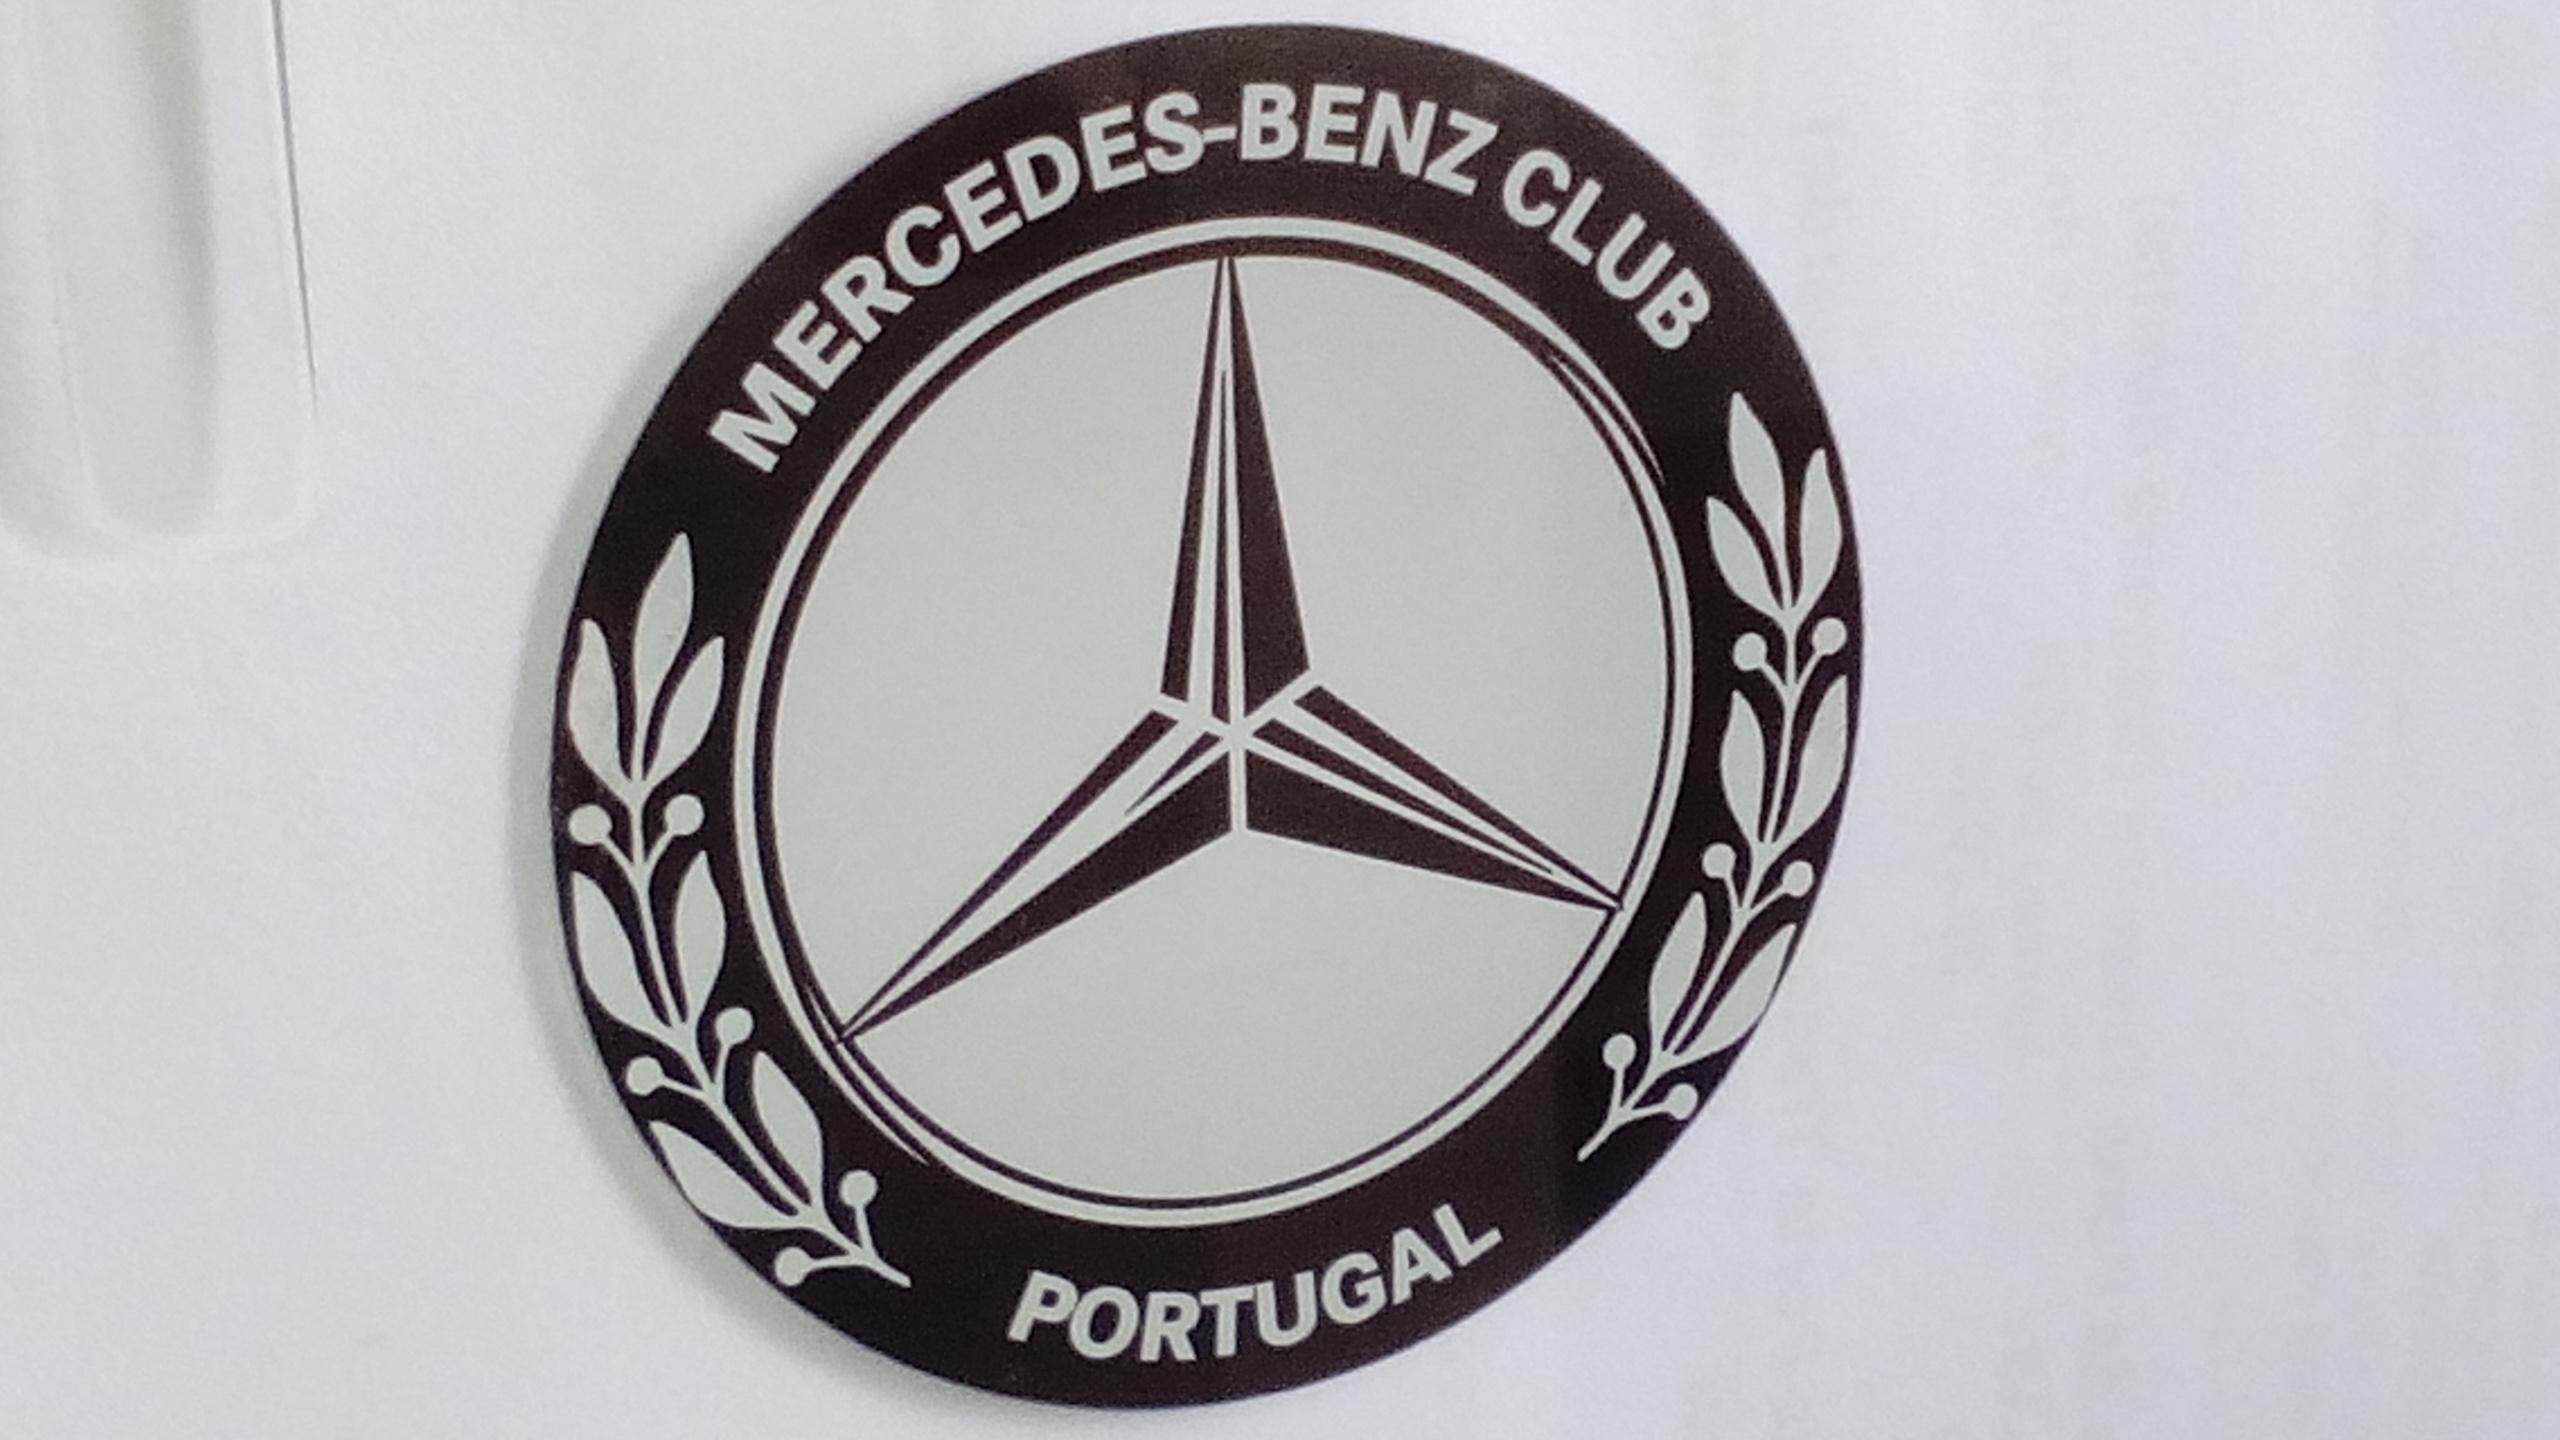 Mercedes-Benz Club Portugal,com condições especiais para os seus sócios